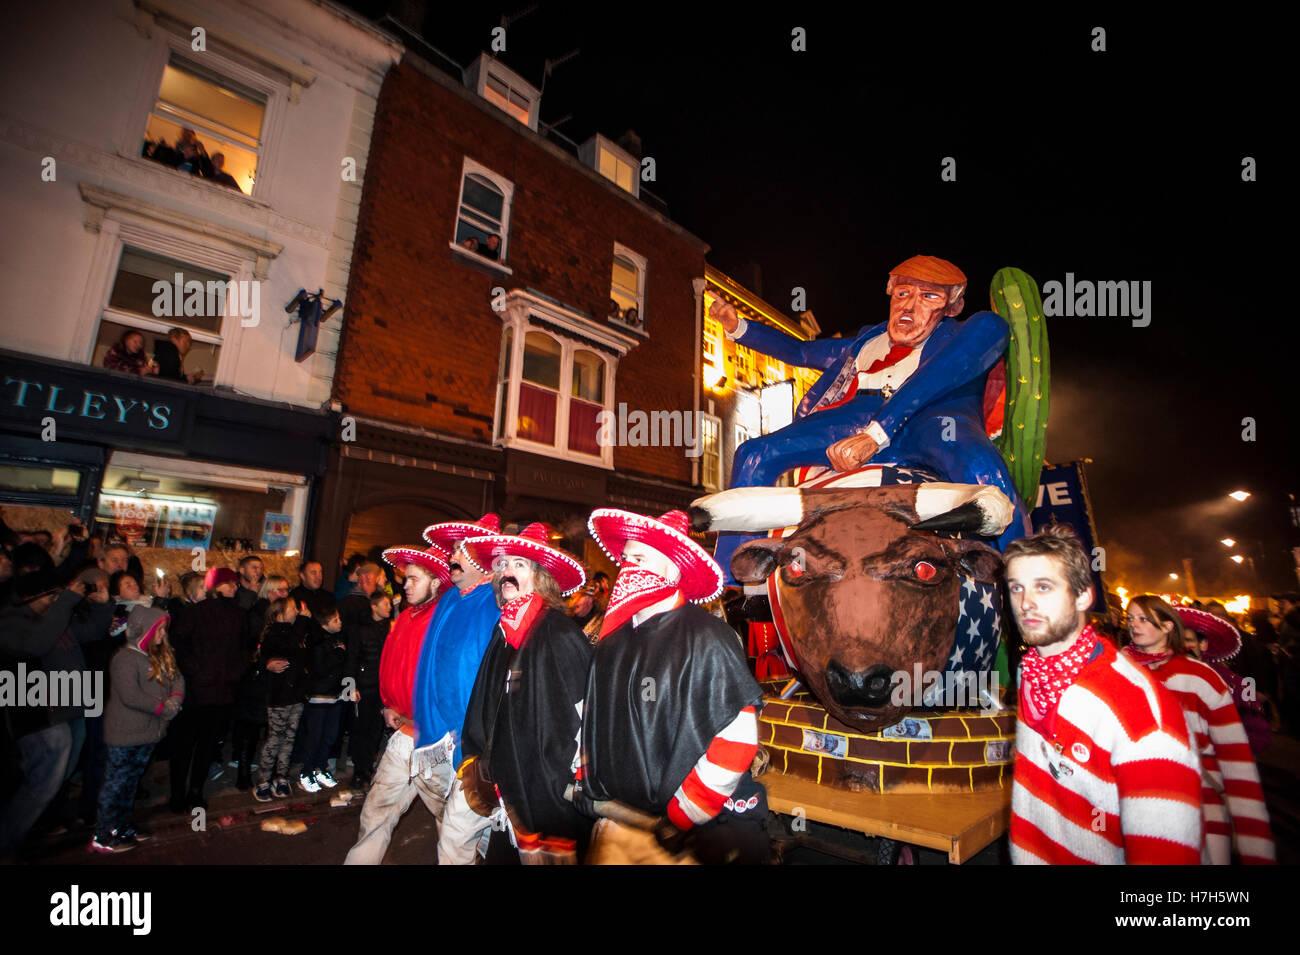 Lewes, Reino Unido. 5 nov, 2016. Lewes fogata las celebraciones de la noche. El 5 de noviembre las celebraciones Imagen De Stock